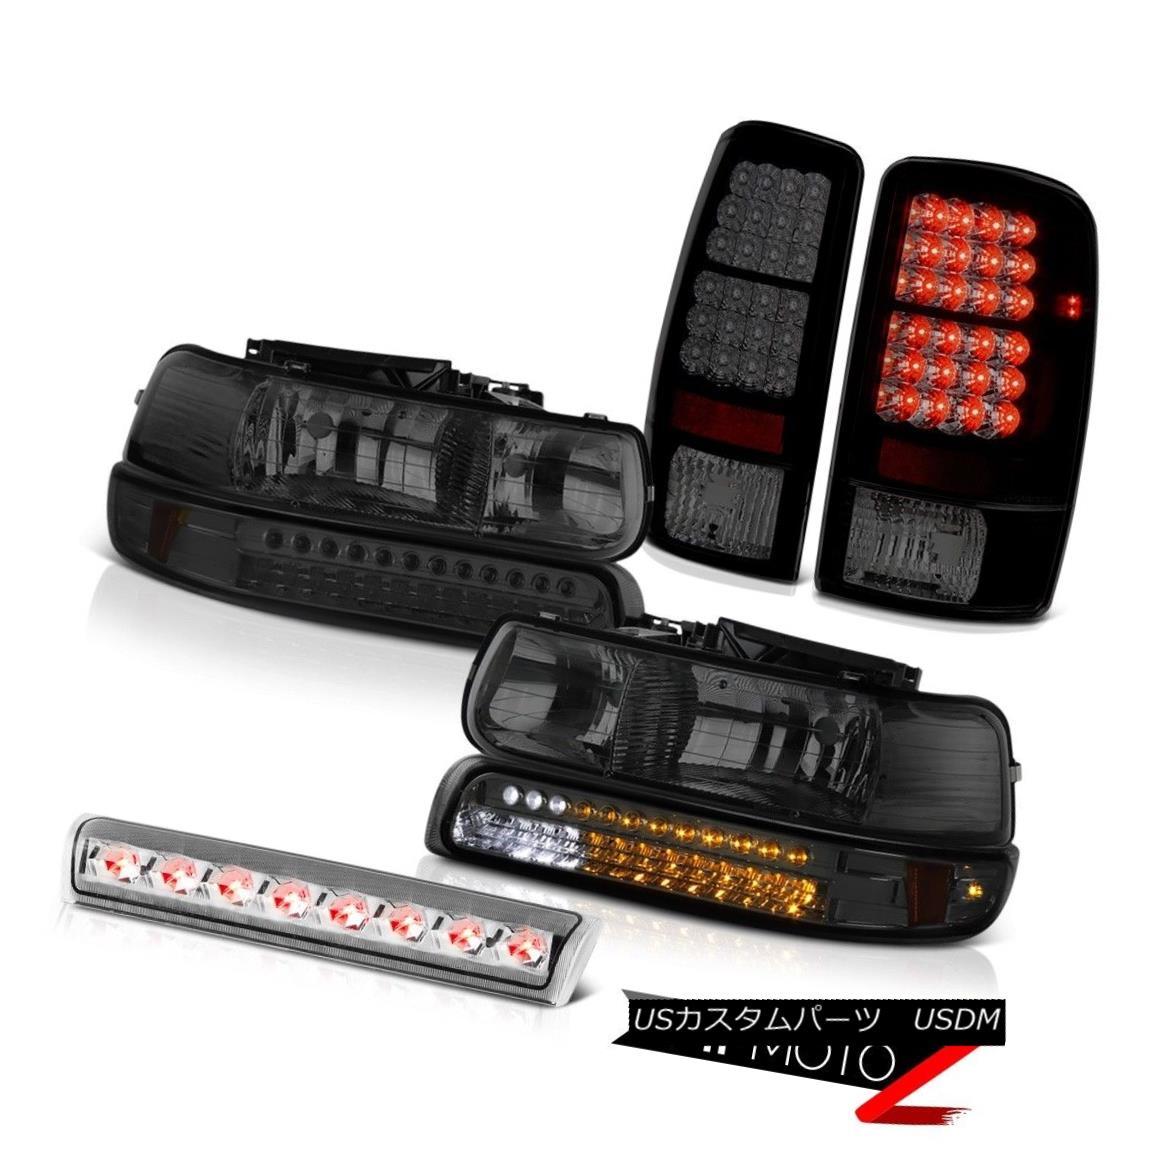 ヘッドライト 2000-2006 Suburban 5.3L LED Smoke Bumper+Headlamps TailLights Euro Third Brake 2000-2006郊外5.3L LED煙バンパー+ヘッドラム psテールライトユーロ第3ブレーキ